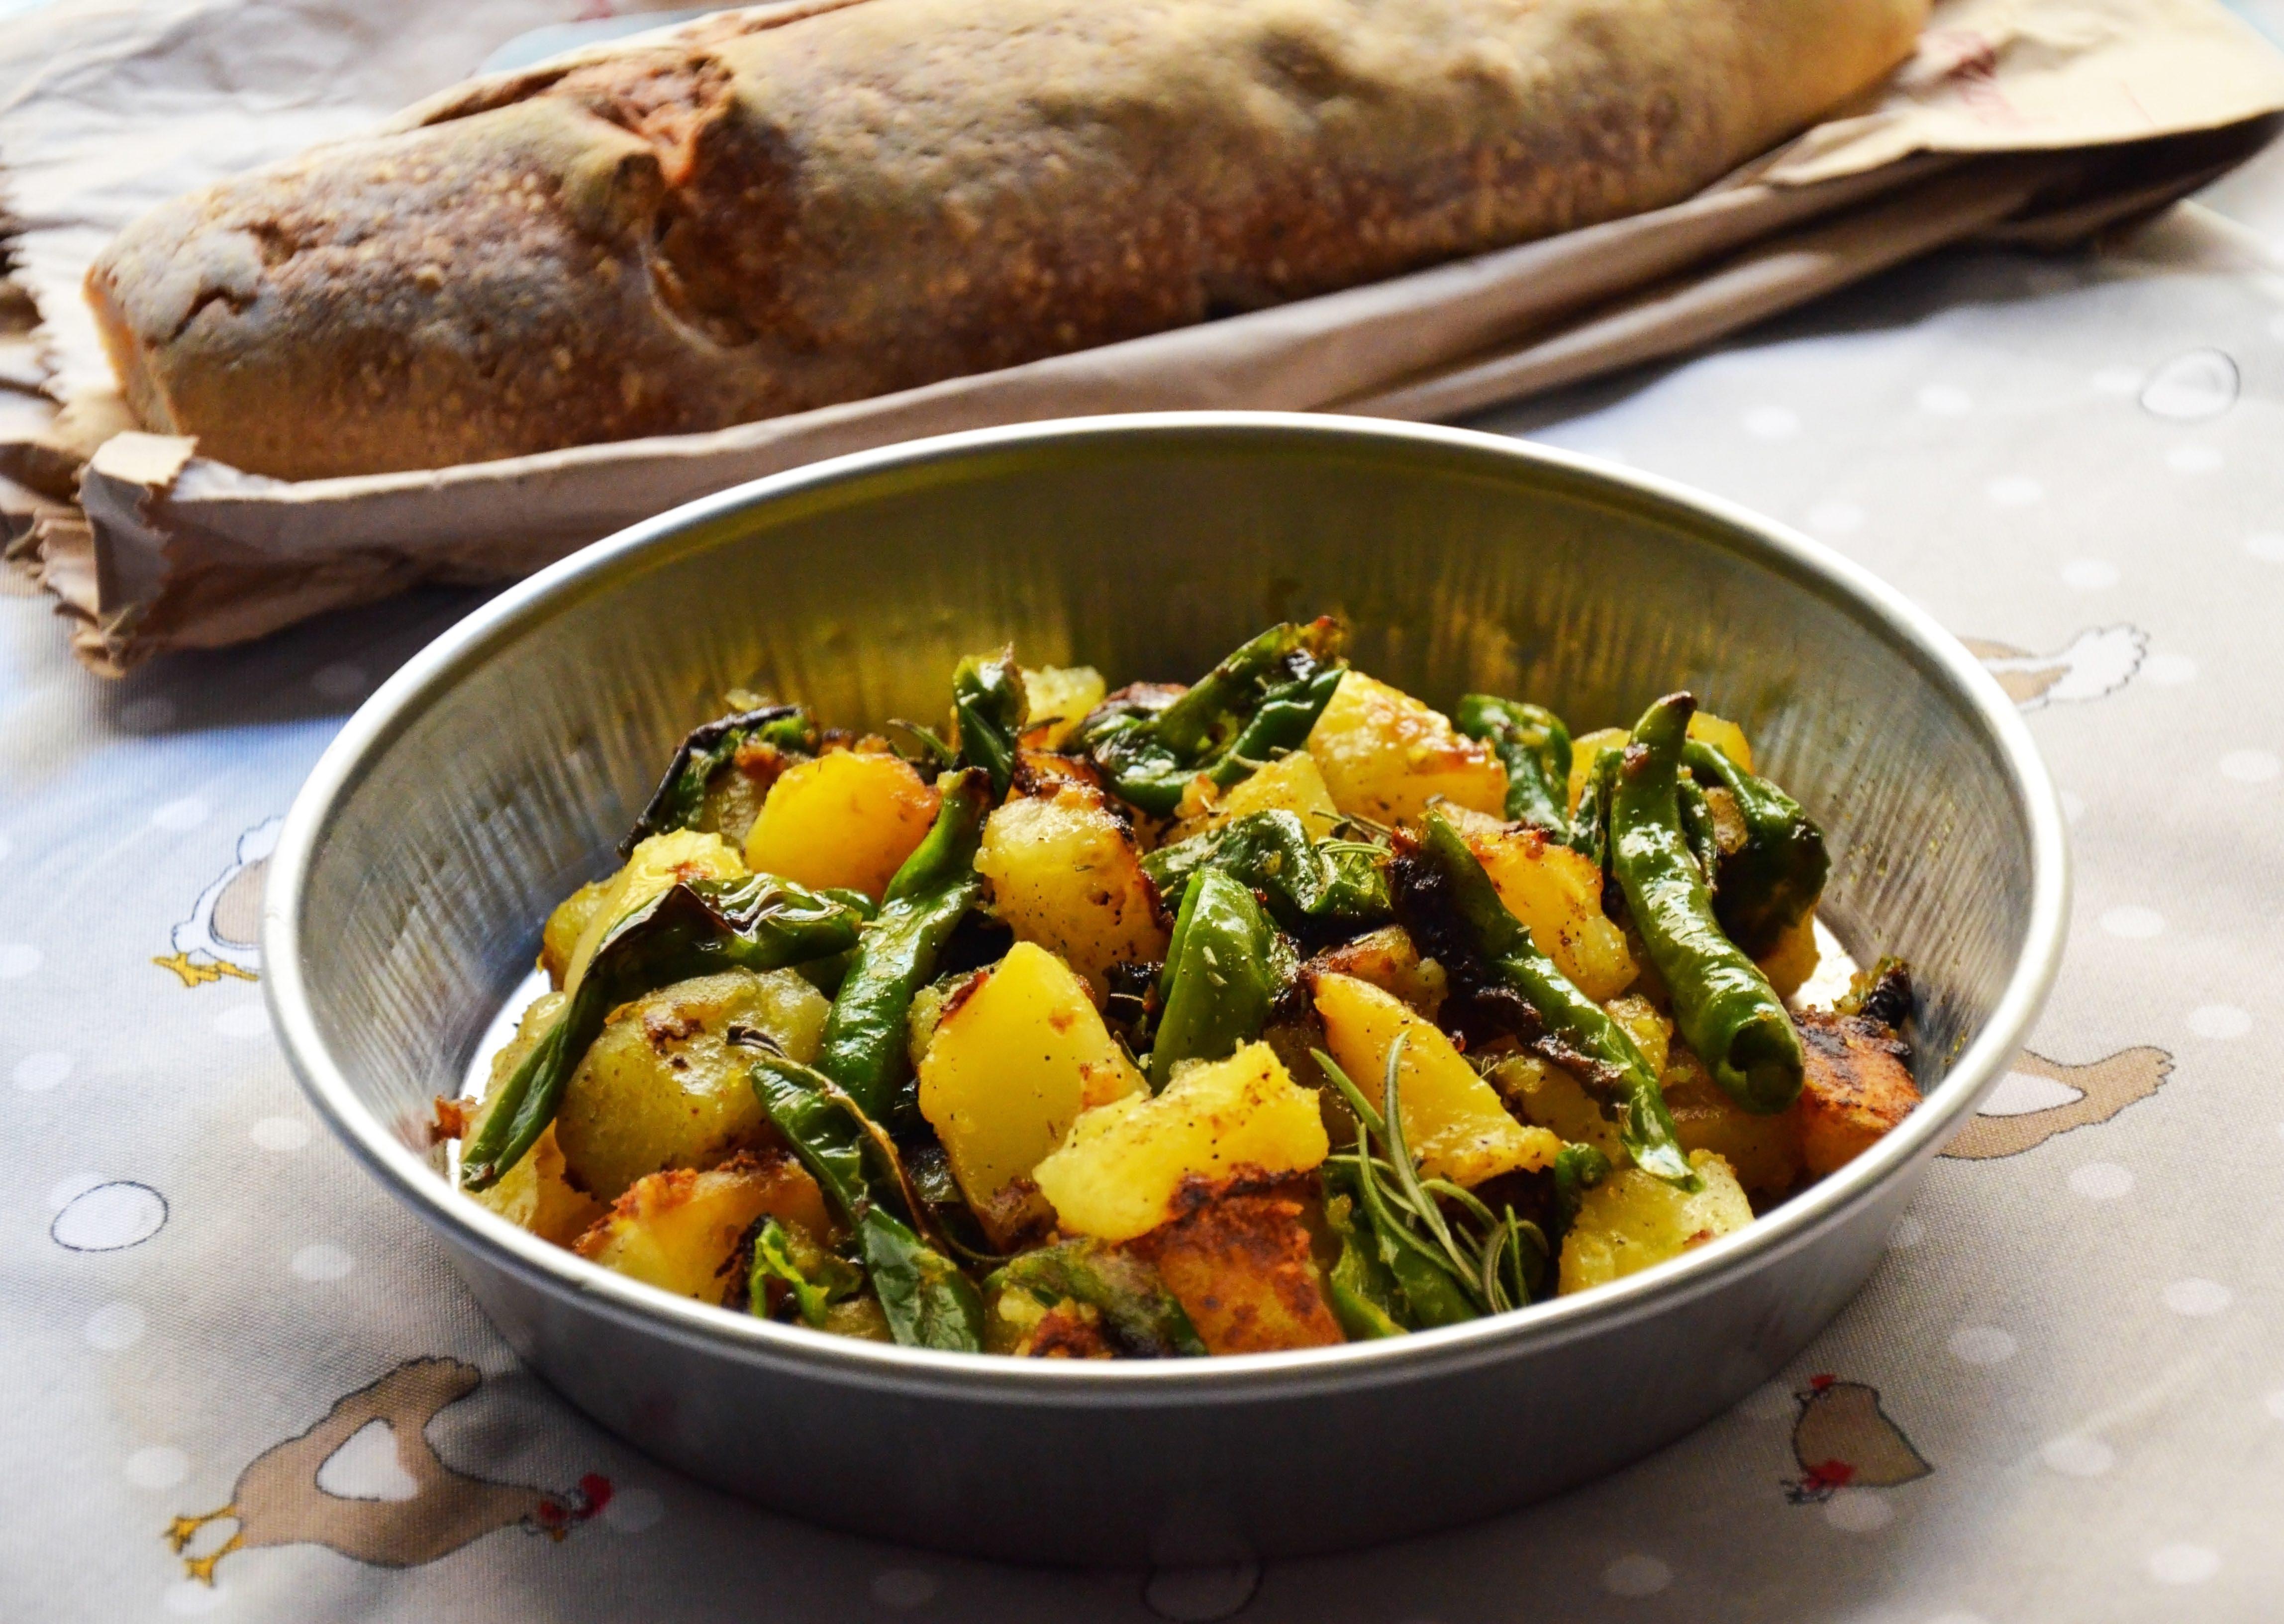 Friggitelli e patate in padella: la ricetta del contorno rustico e saporito